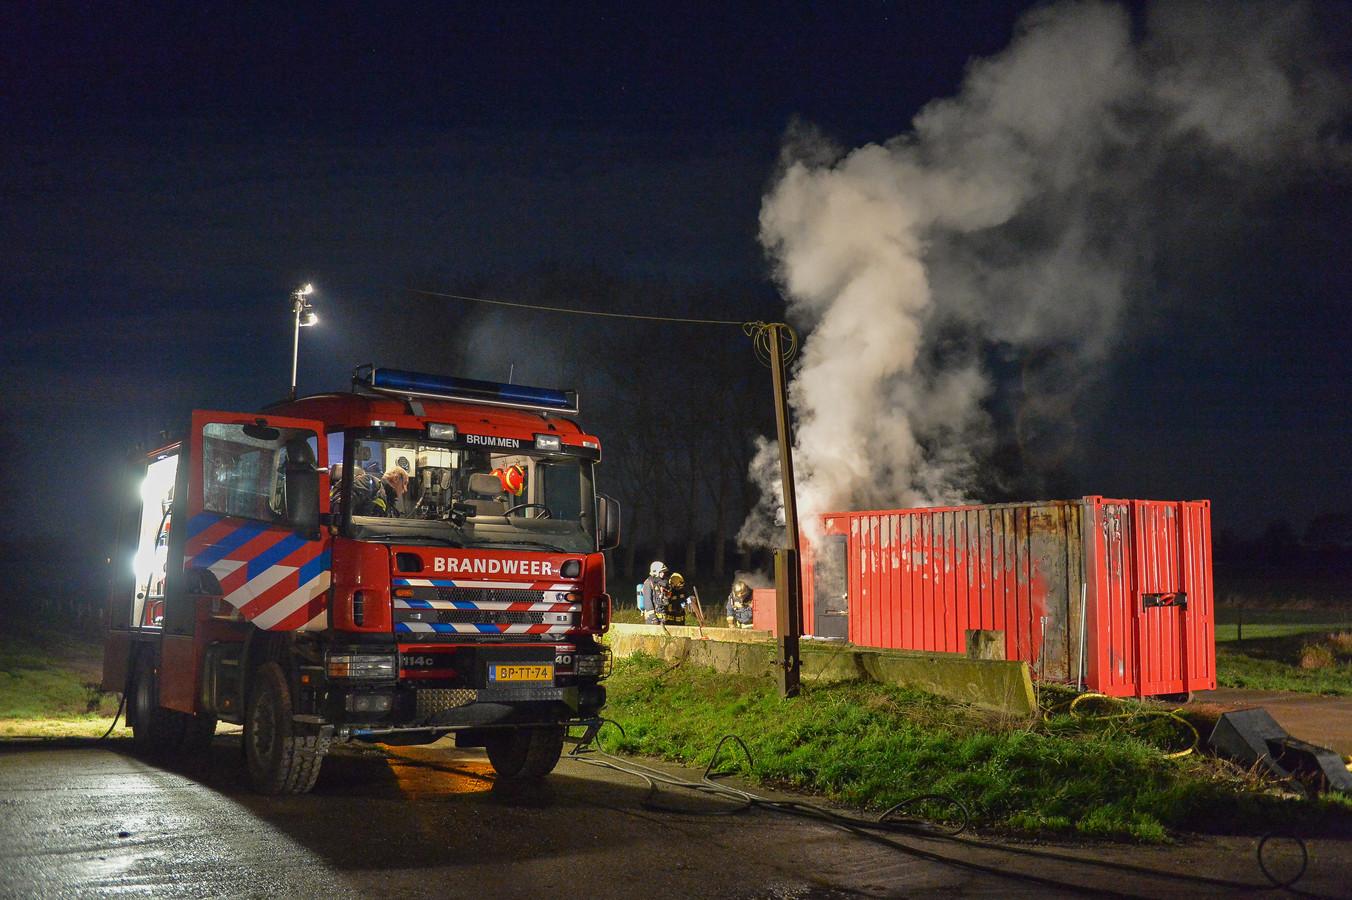 De brandweer in actie in Brummen. De veiligheidsregio Noord- en Oost-Gelderland draait bijna volledig op vrijwilligers.